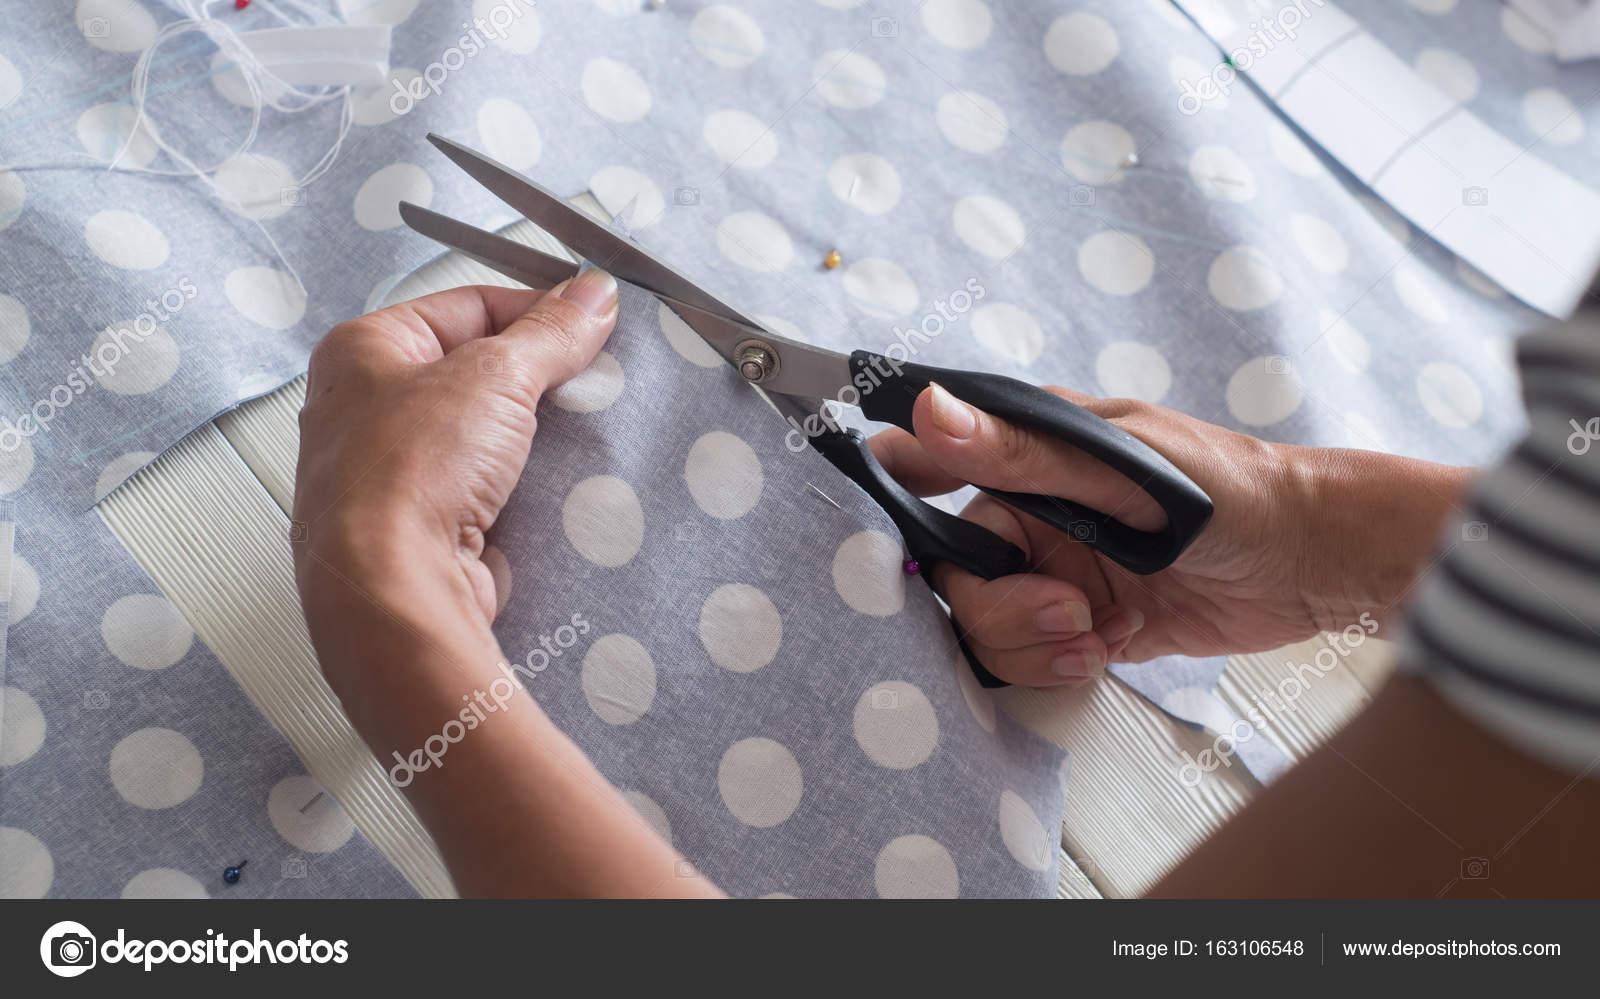 Schneiden Stoff Polka Dot Muster nähen — Stockfoto © duh84 #163106548